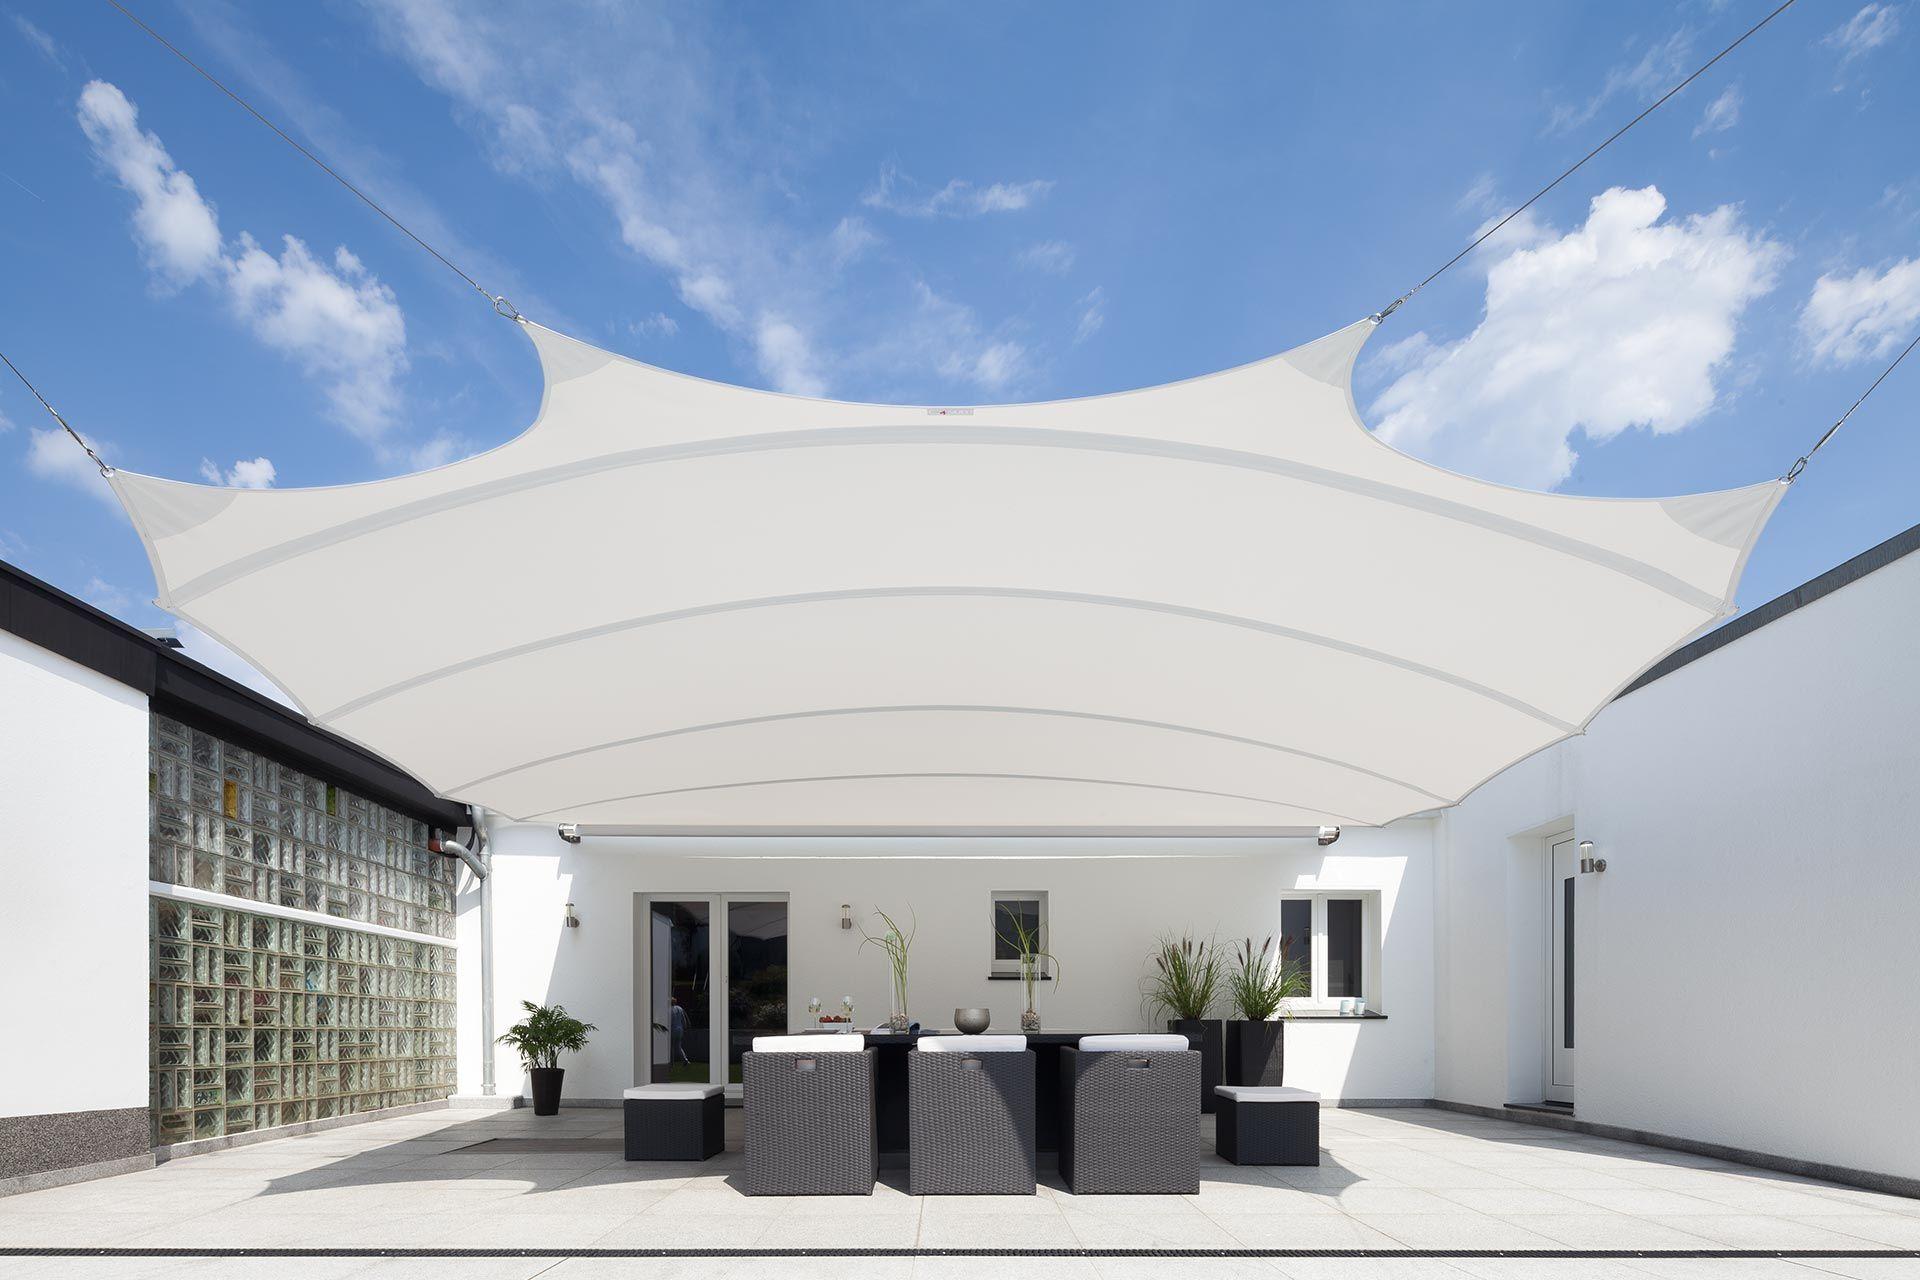 Terren Sonnenschutz Systeme   Sonnenschutz Terrasse Elektrisch Beschattung Terrasse Elektrisch